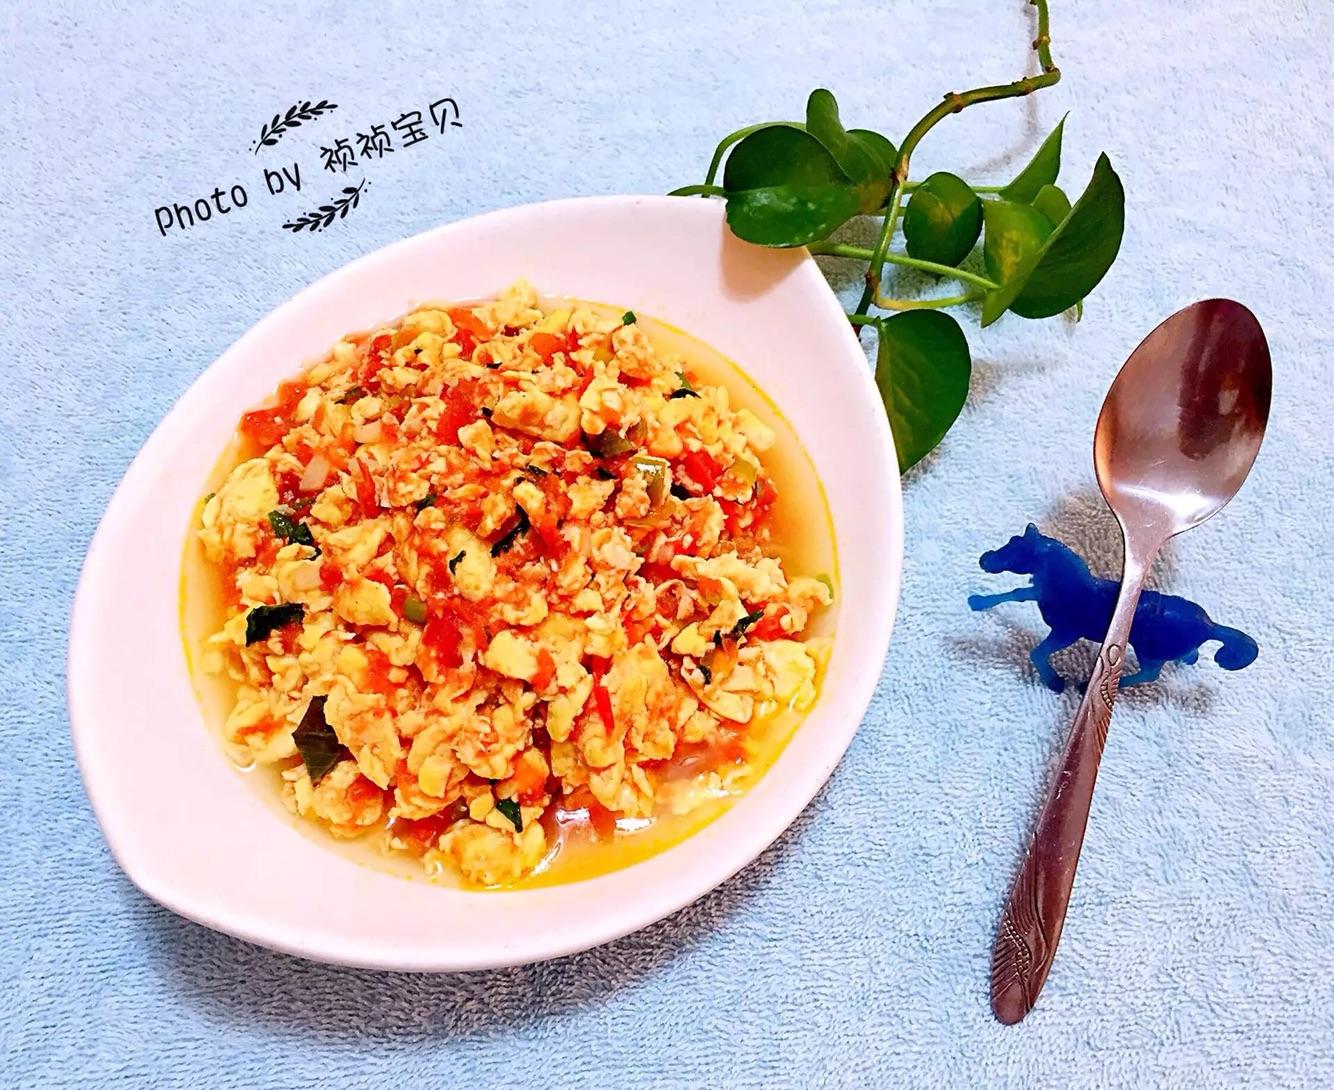 2匙 西红柿炒鸡蛋的做法步骤        本菜谱的做法由 家和万事兴顺顺